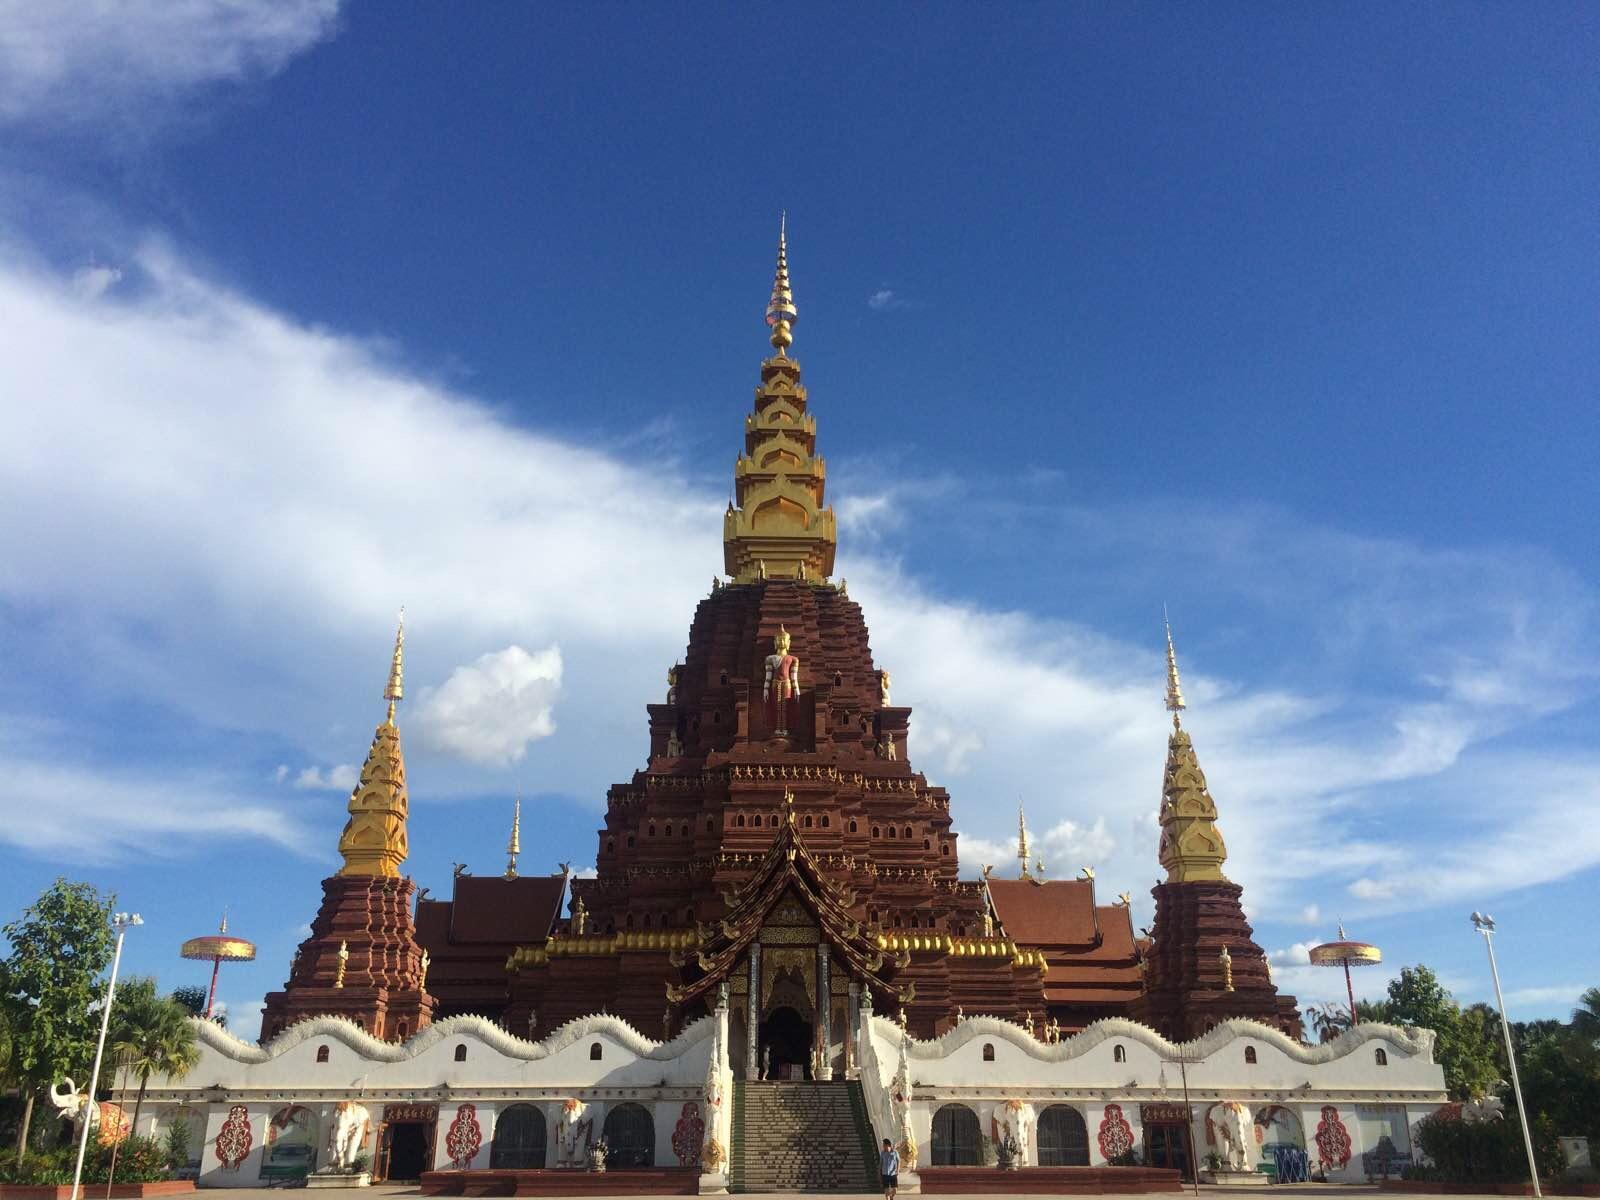 第一眼以为这里是泰国的请举手